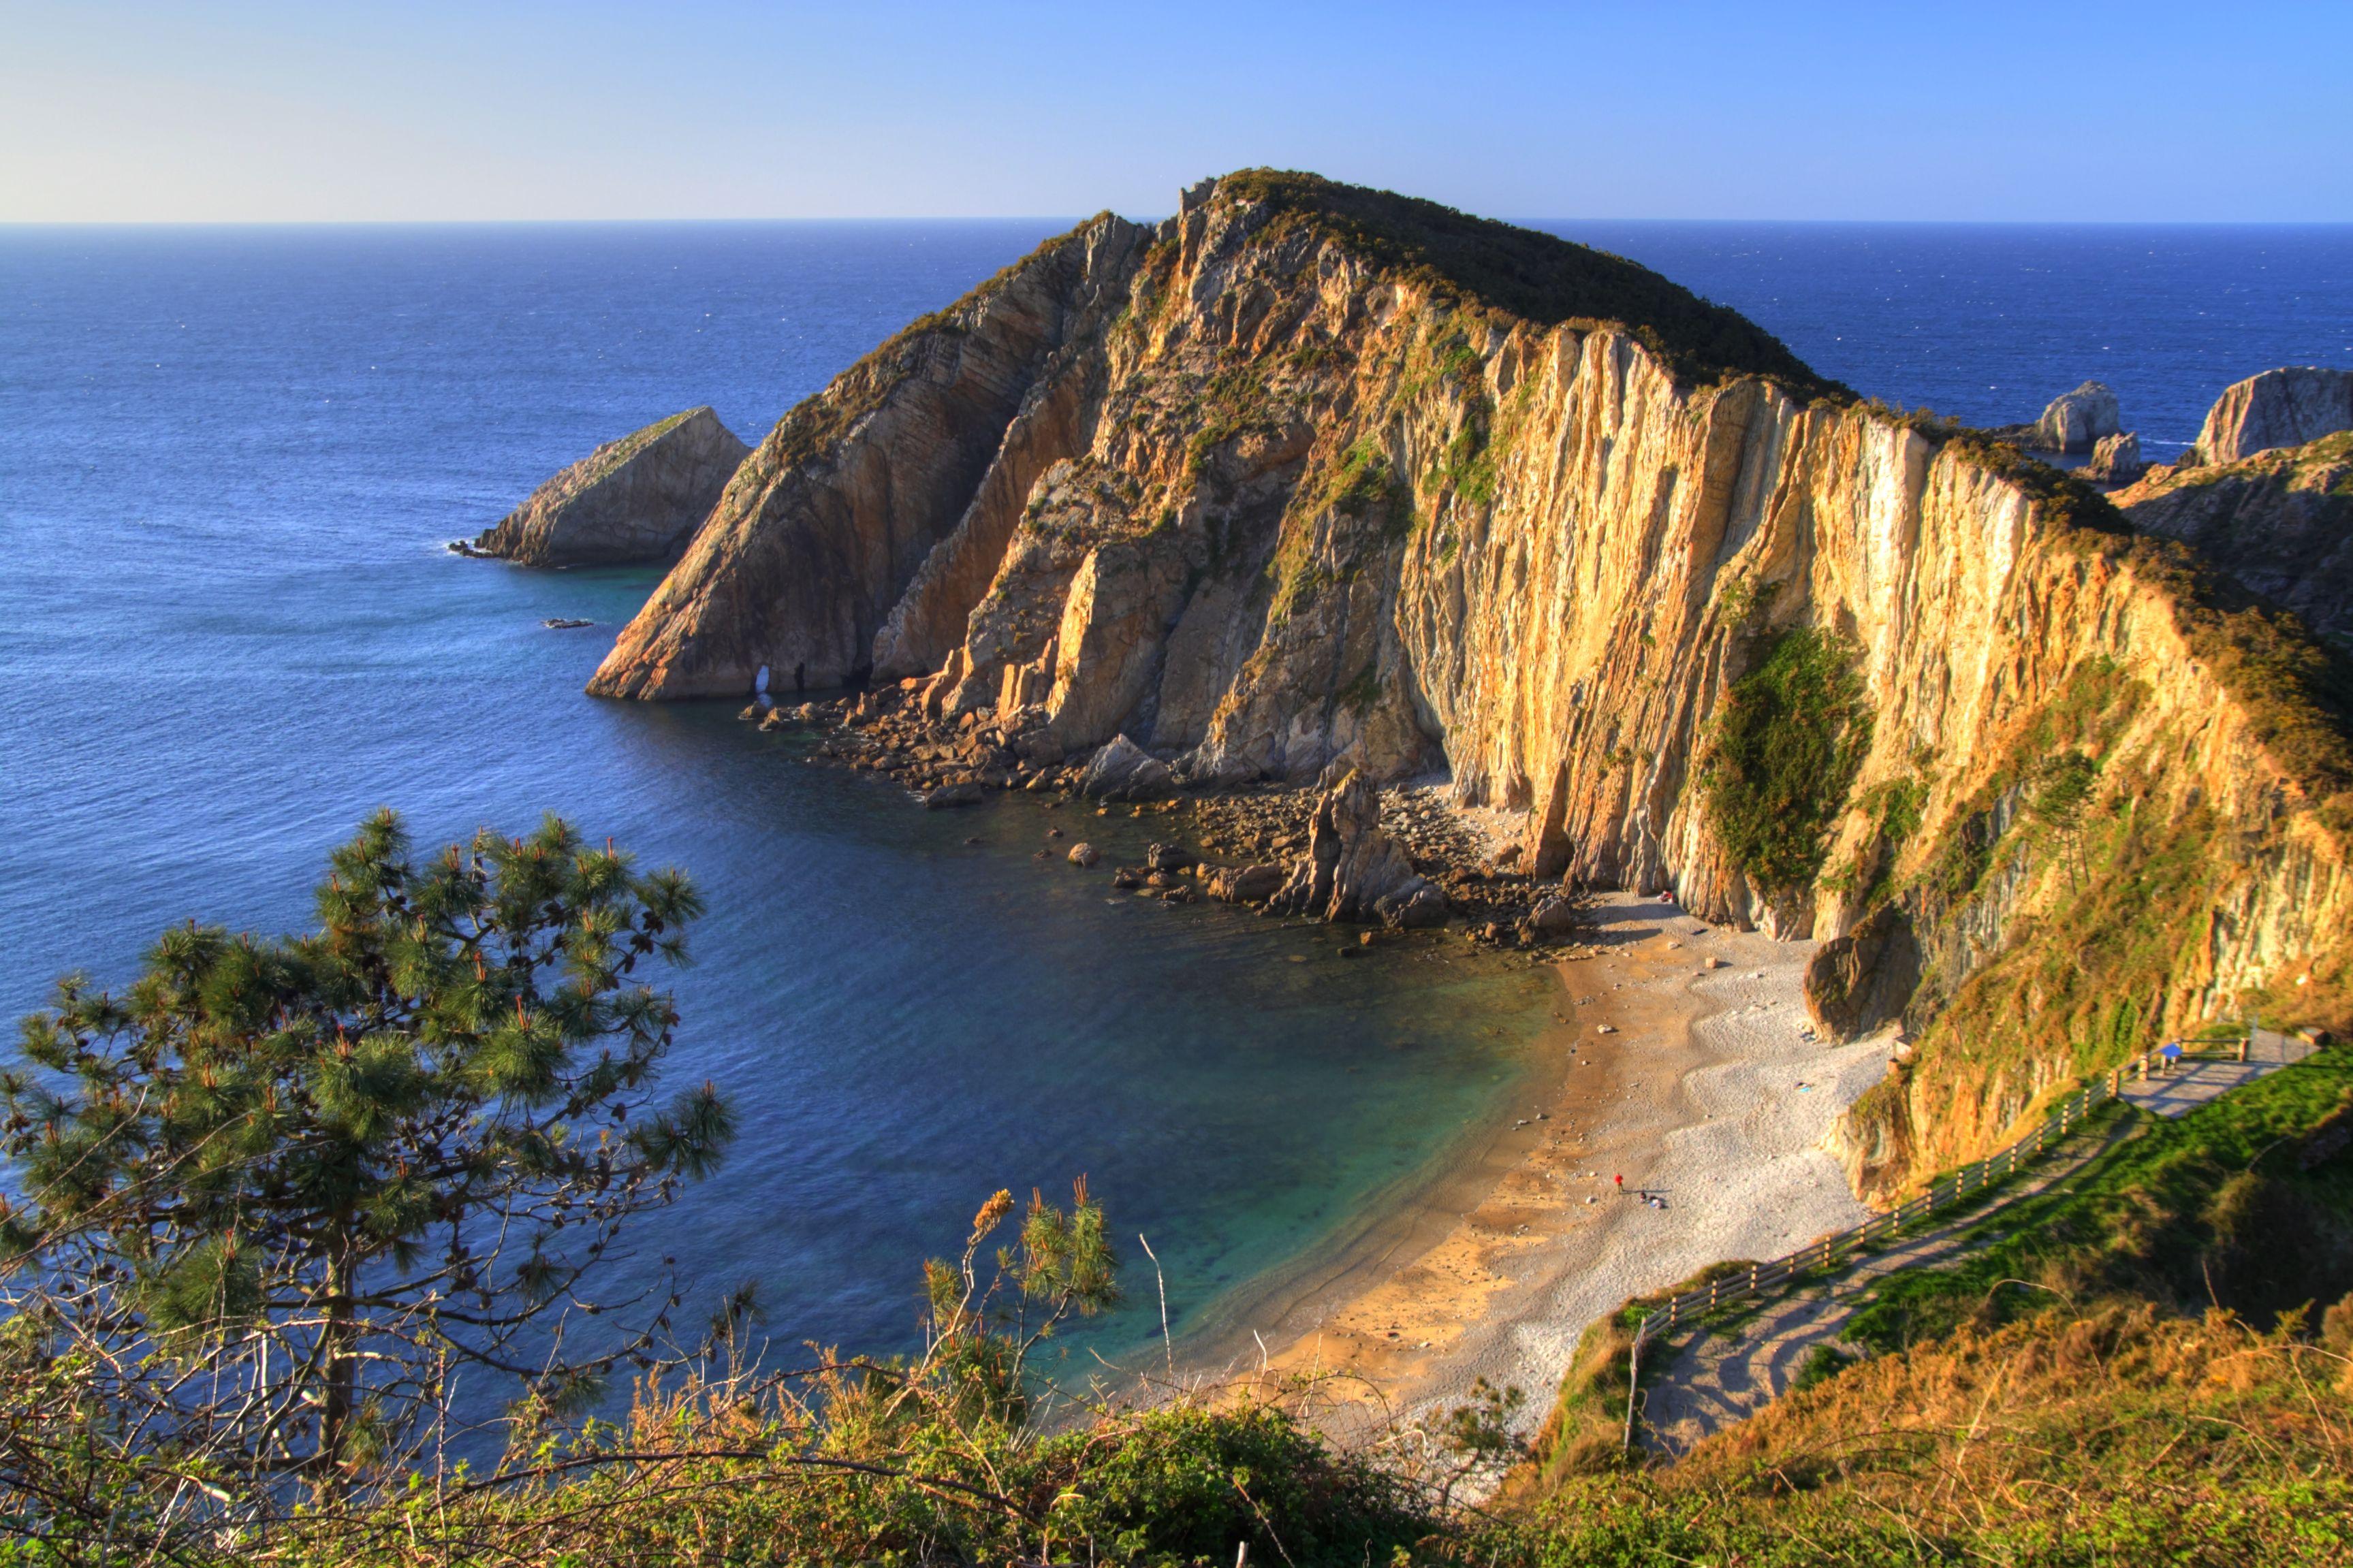 Una playa de película: la playa del Silencio en Asturias | Drupal